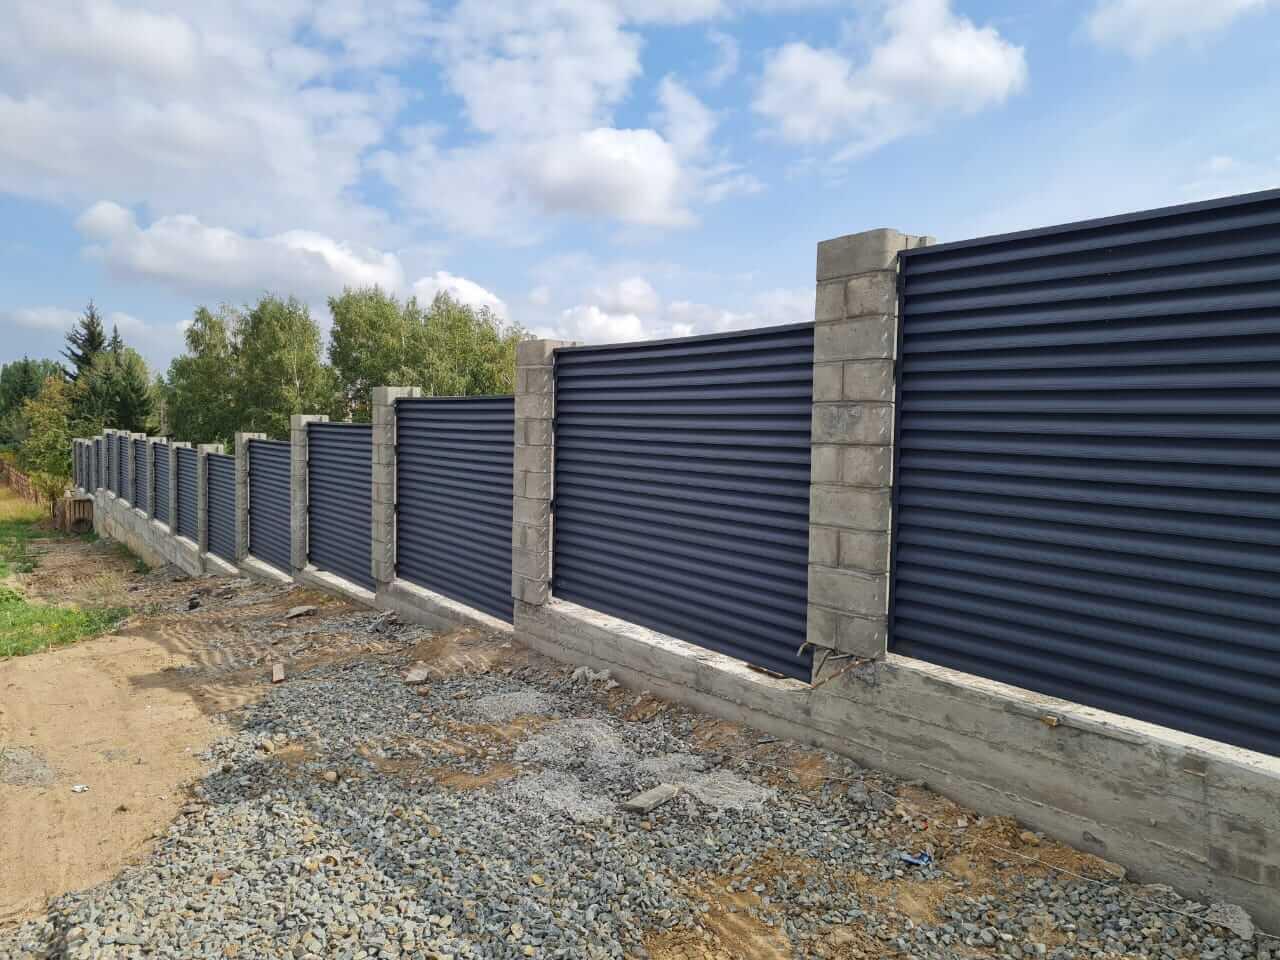 забор-жалюзи серый графит матовый фото10